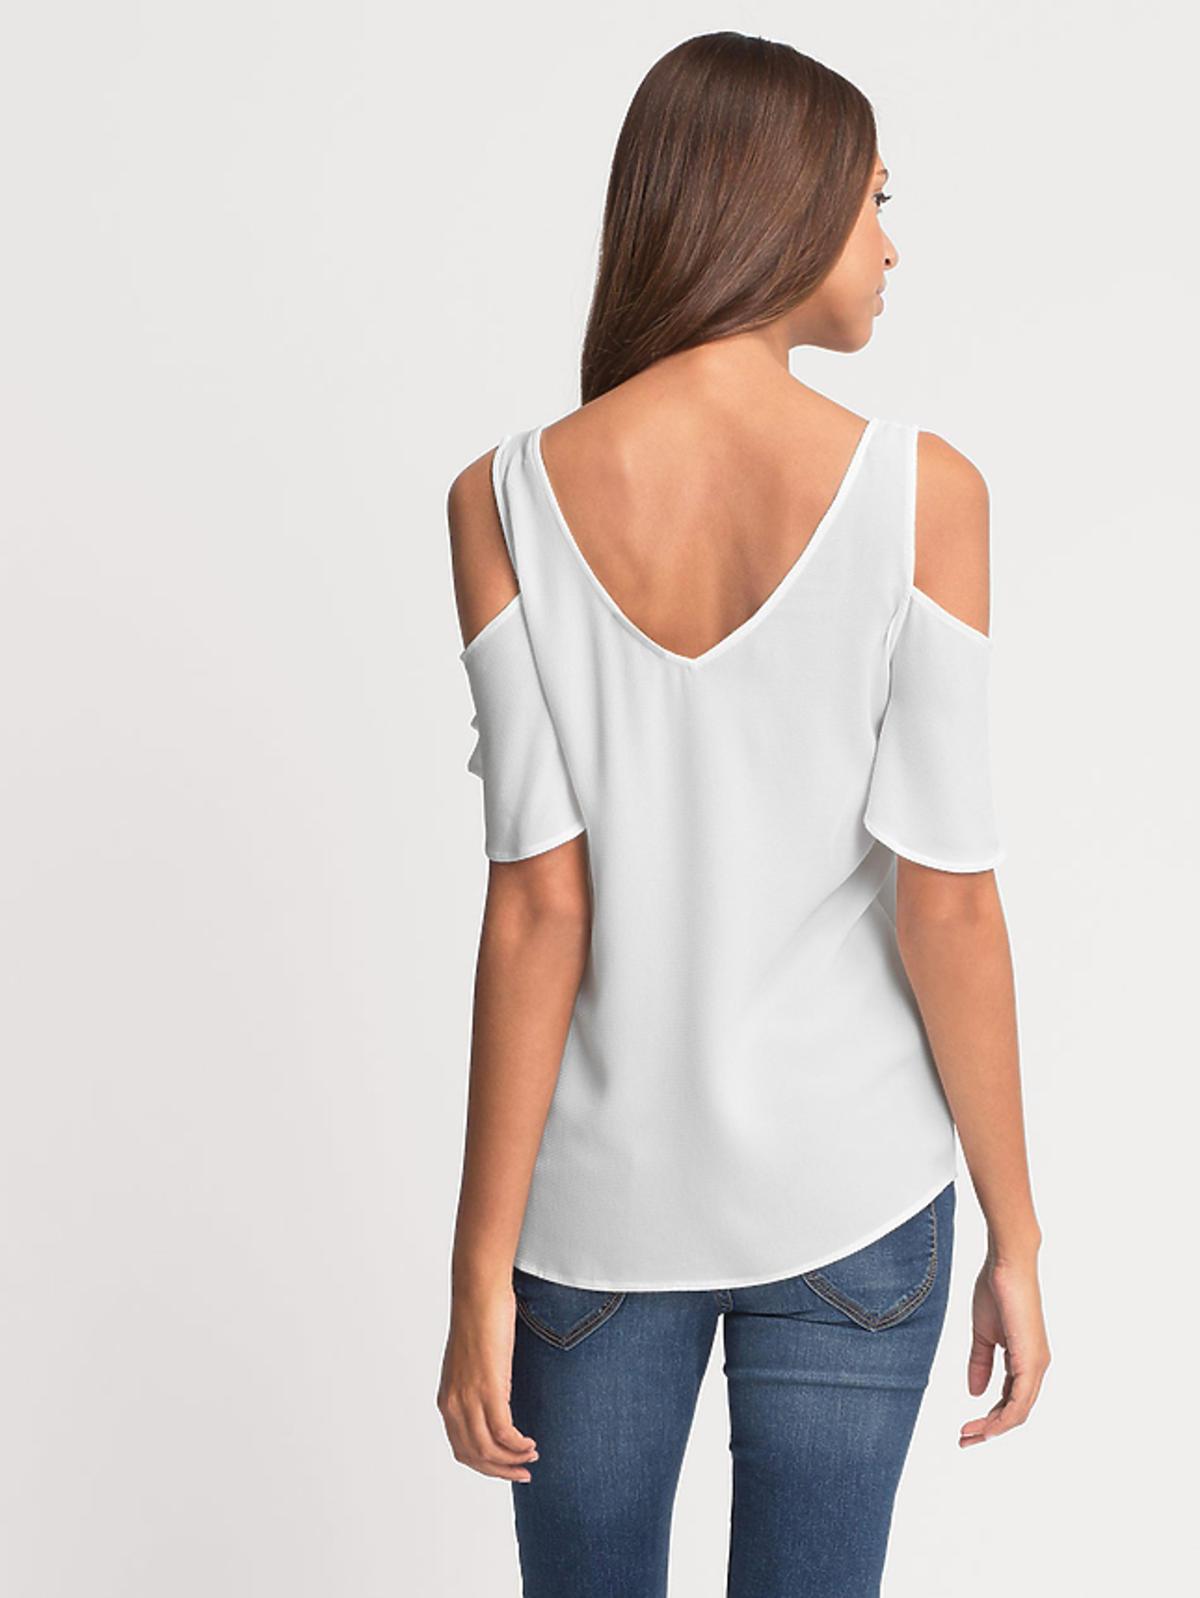 Bluzka z wycięcami na ramiona, C&A, 49,90 zł